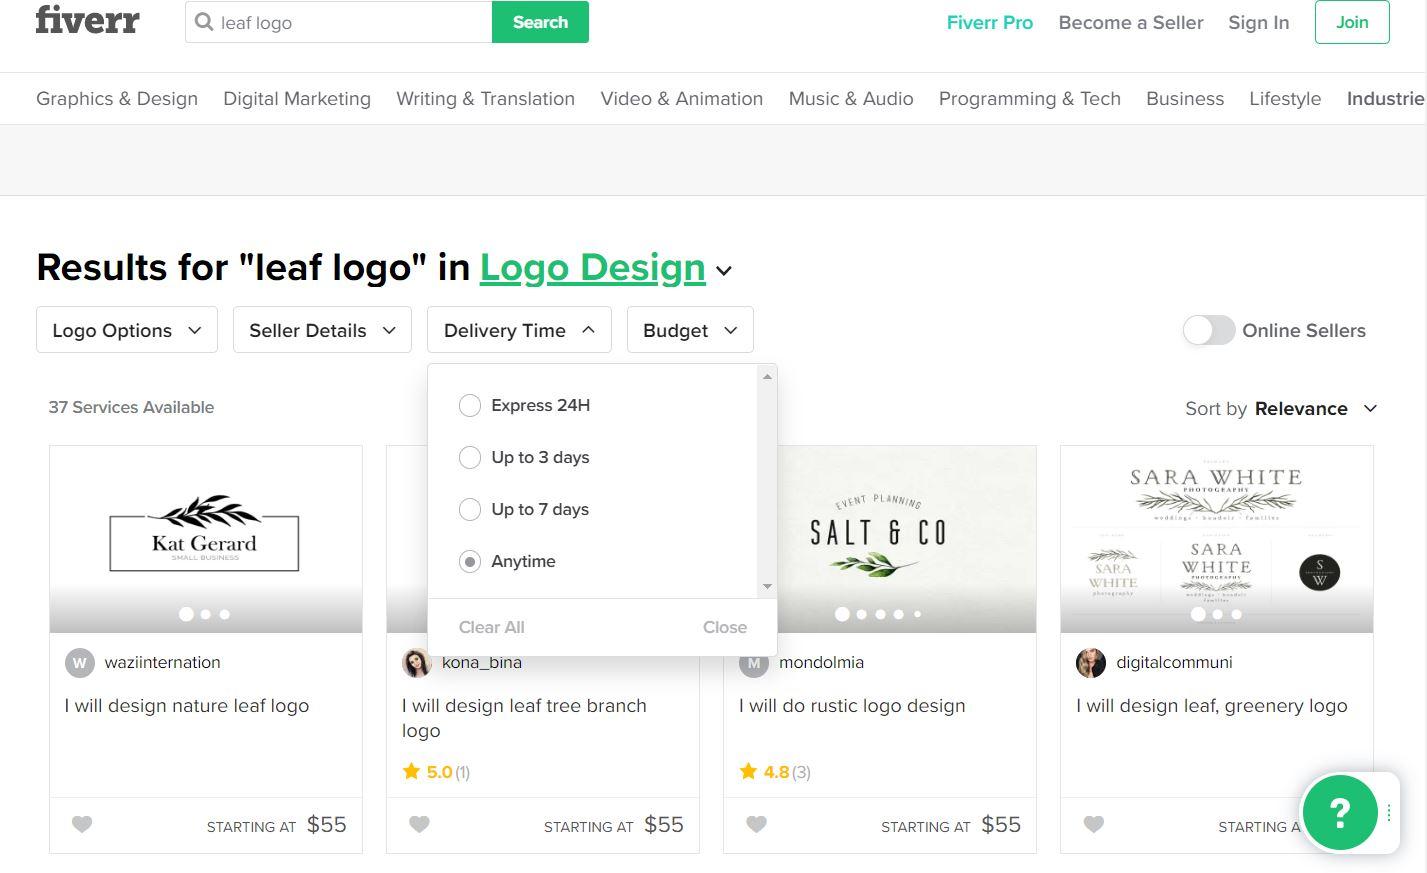 Fiverr screenshot - Leaf logo designers